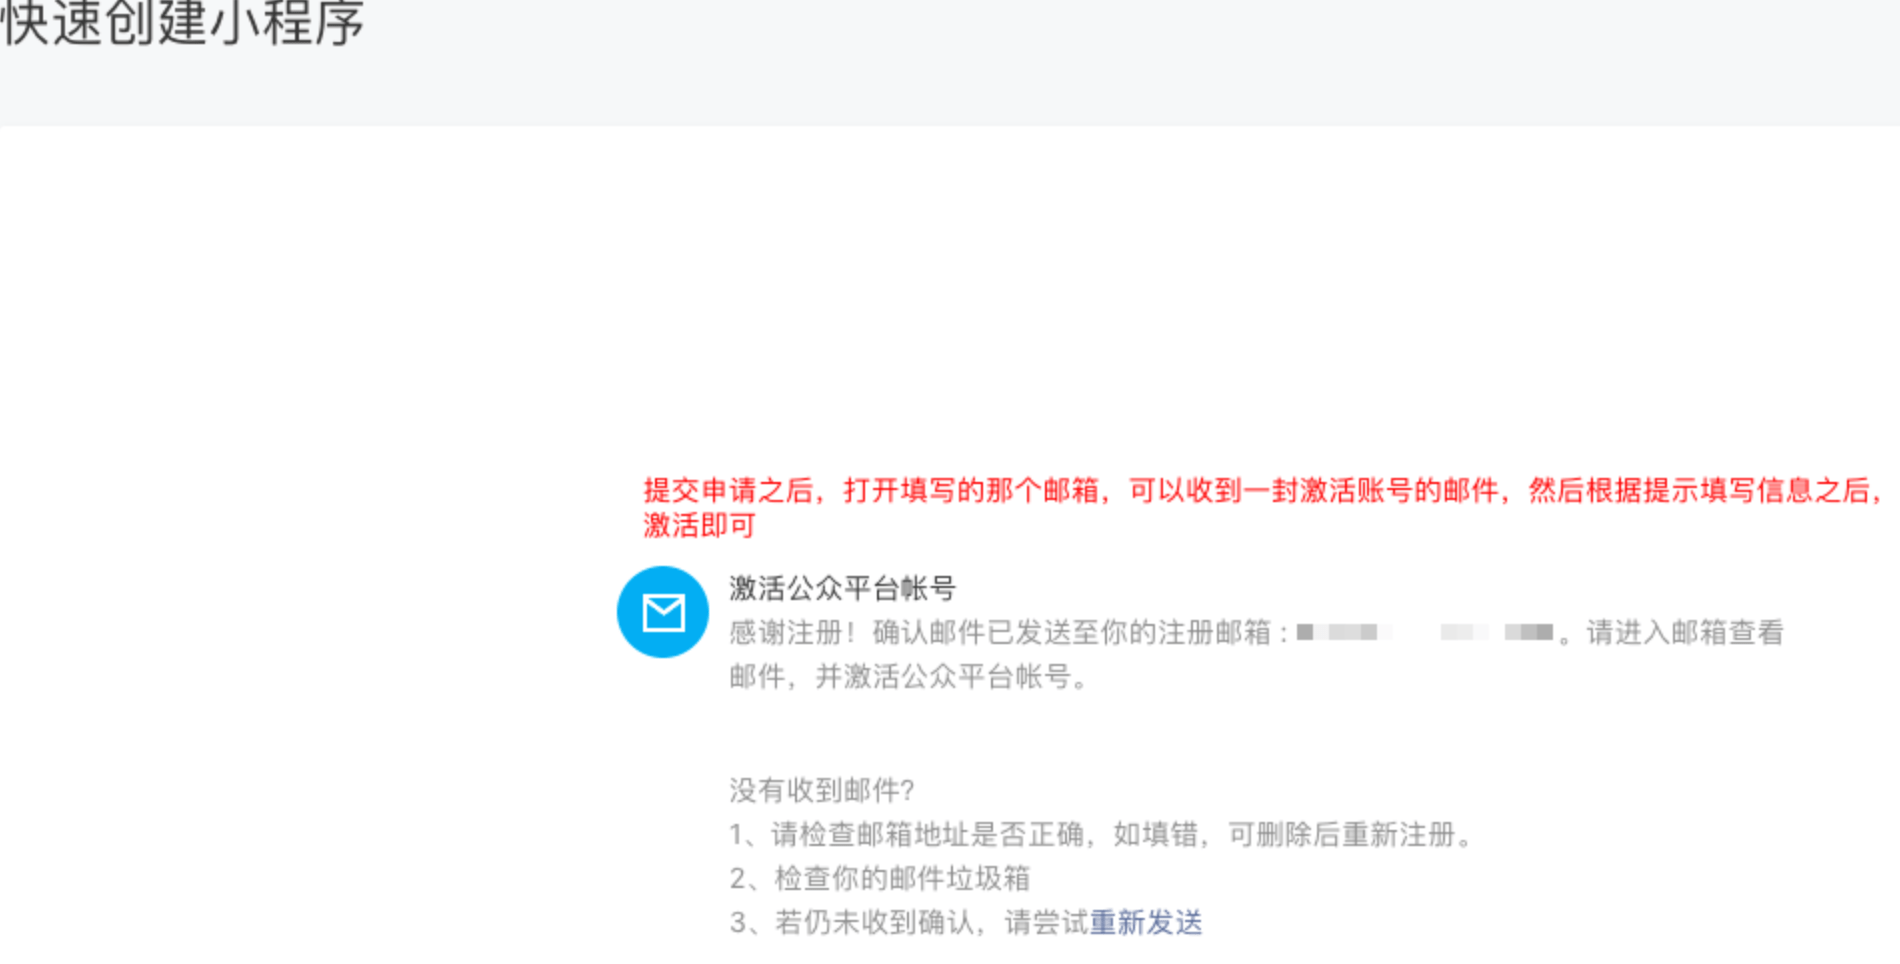 微信小程序申请和认证流程第六步(1)